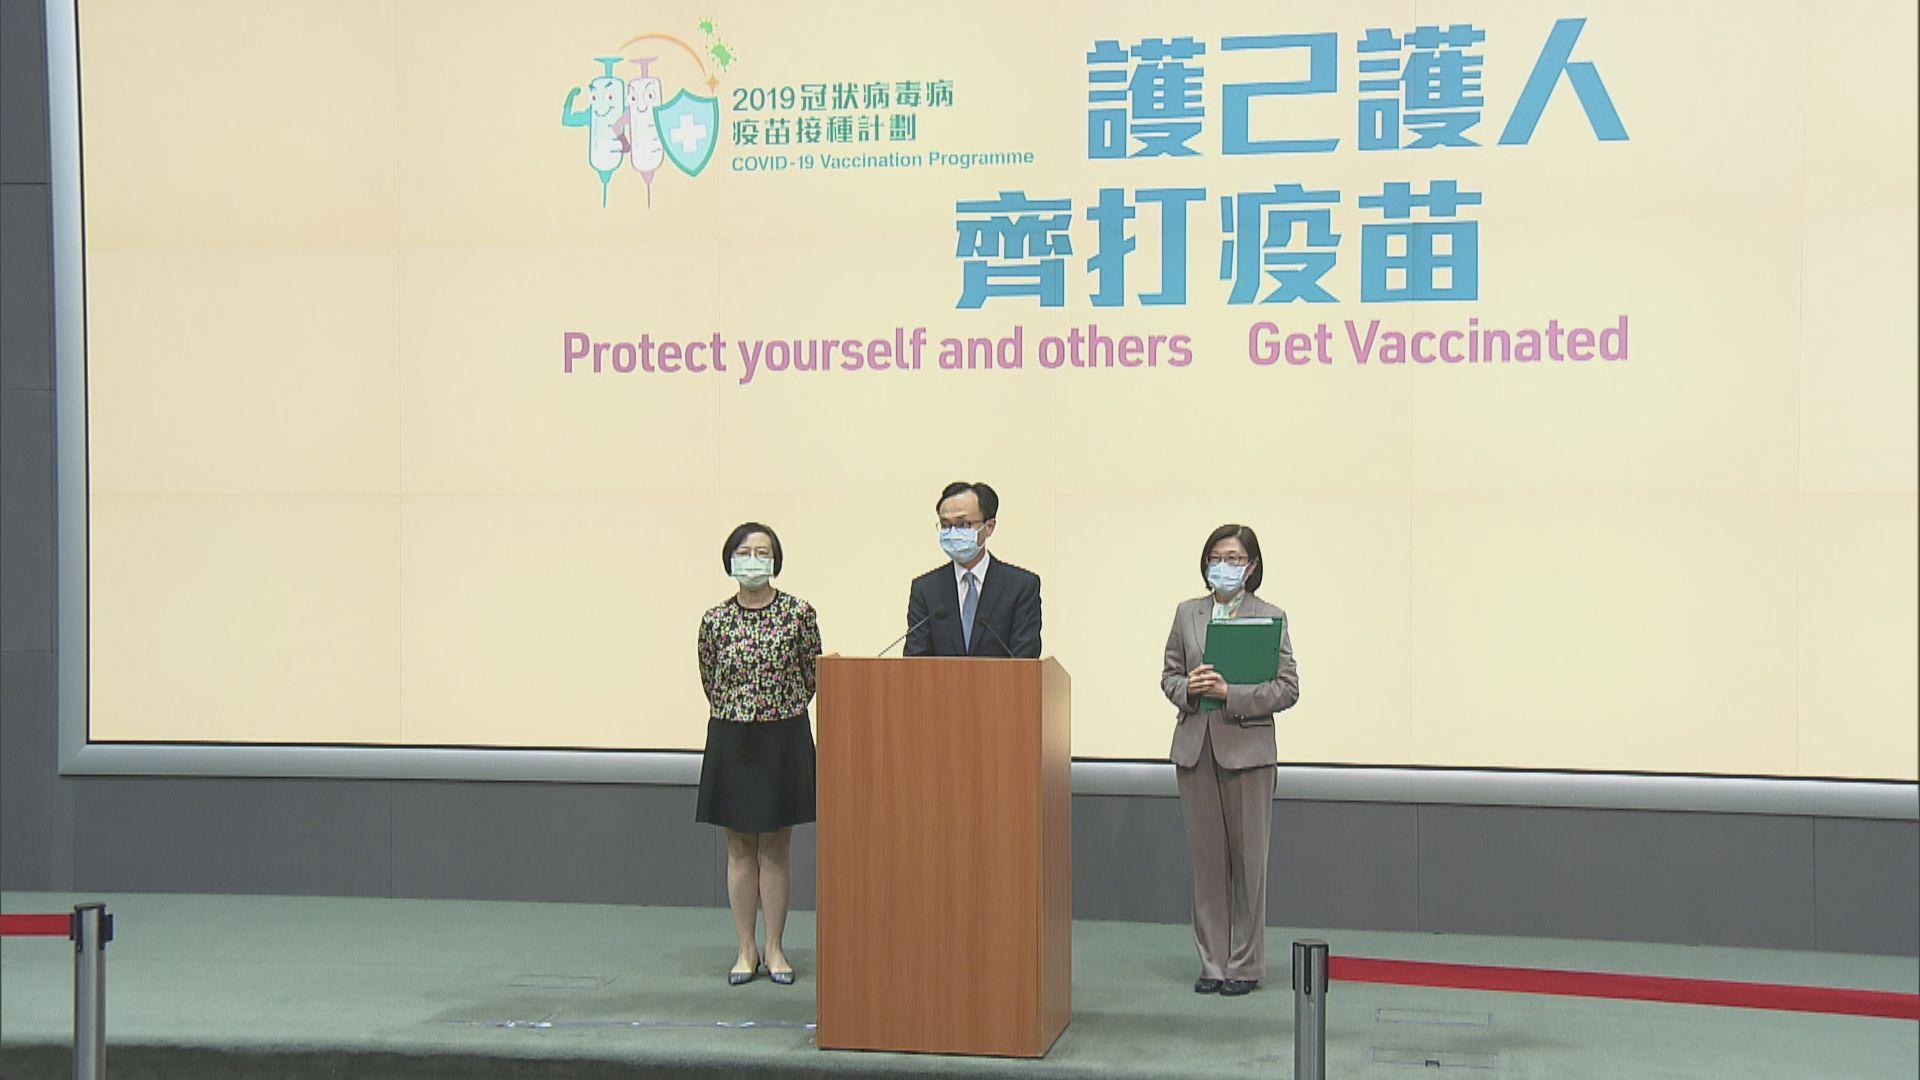 【最新·附安排】政府指復必泰疫苗沒質量問題 下周一起恢復接種